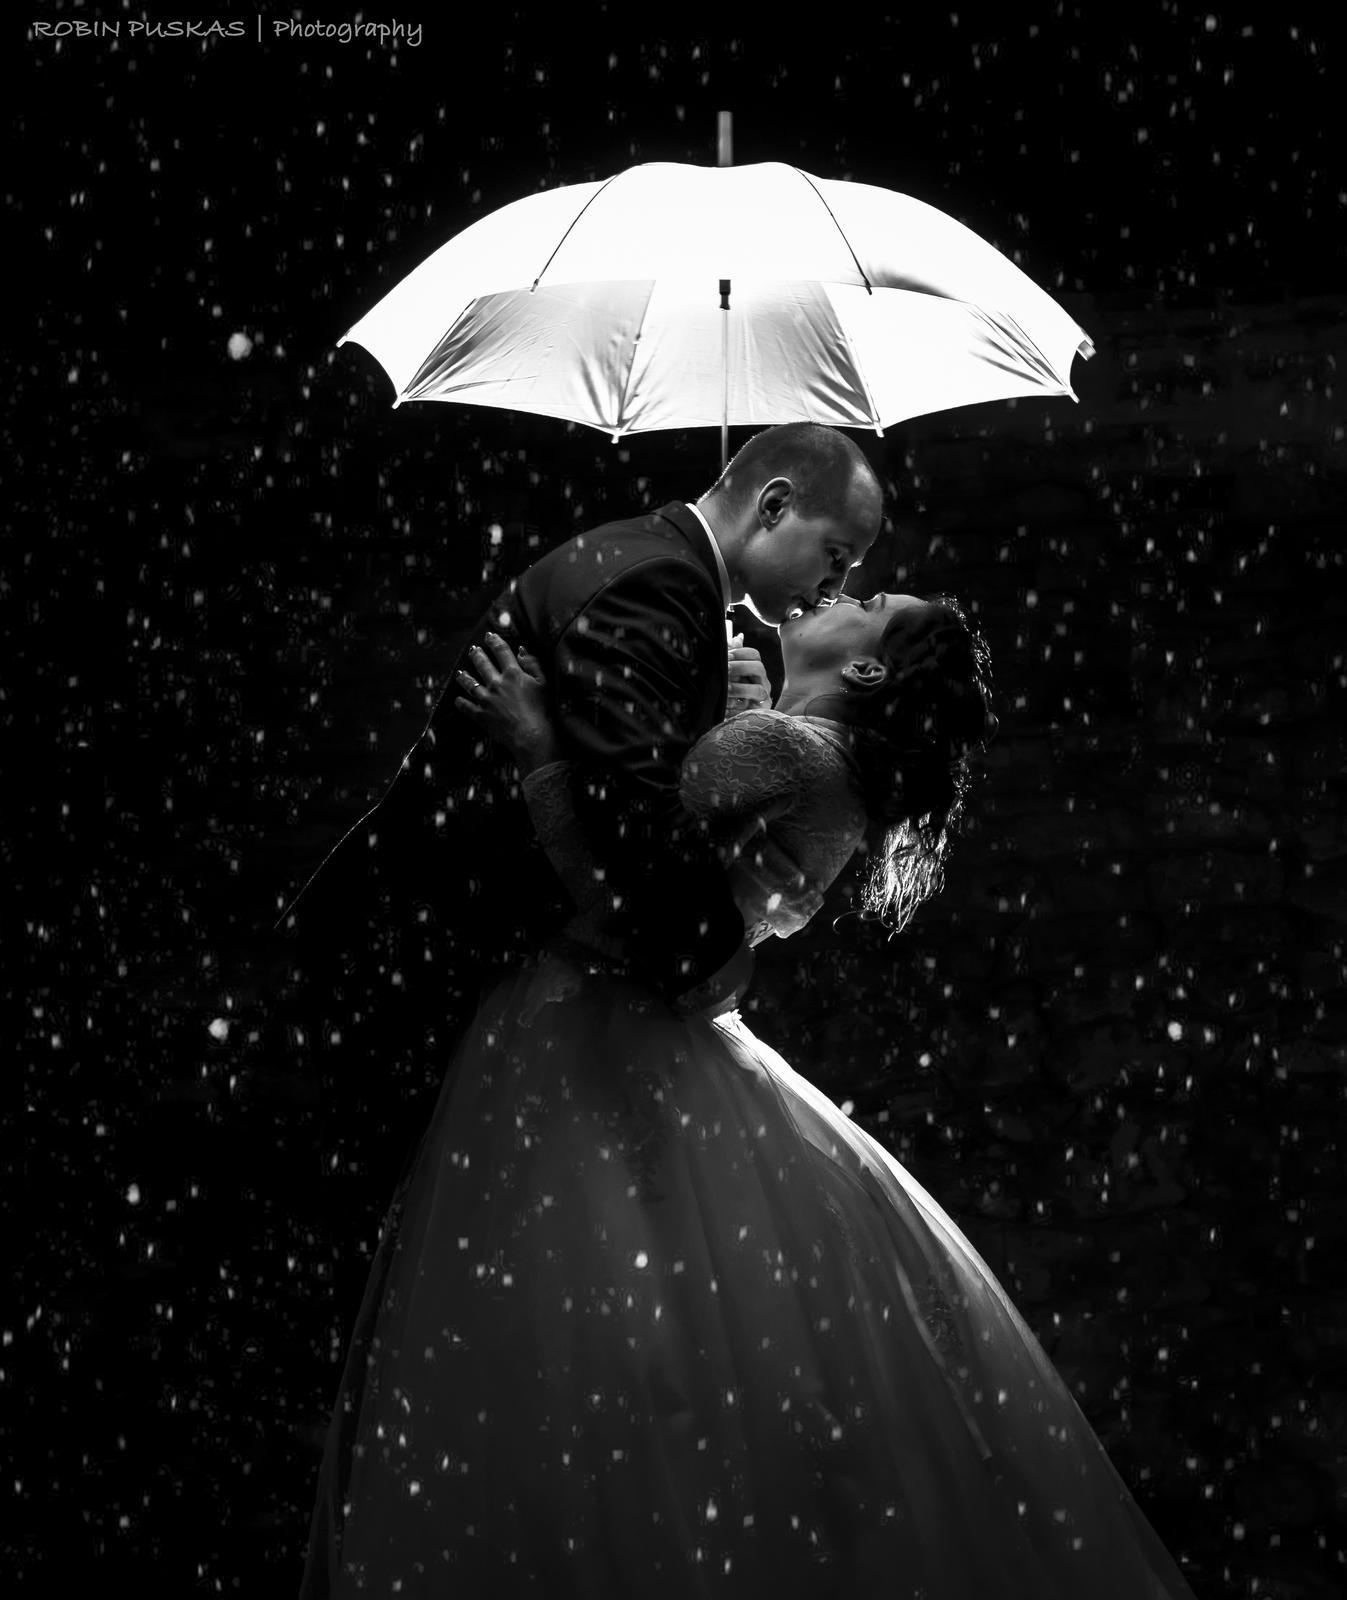 Krásná zimní svatbička ve Veltrusích :) I nám zasněžilo :) - Obrázek č. 1